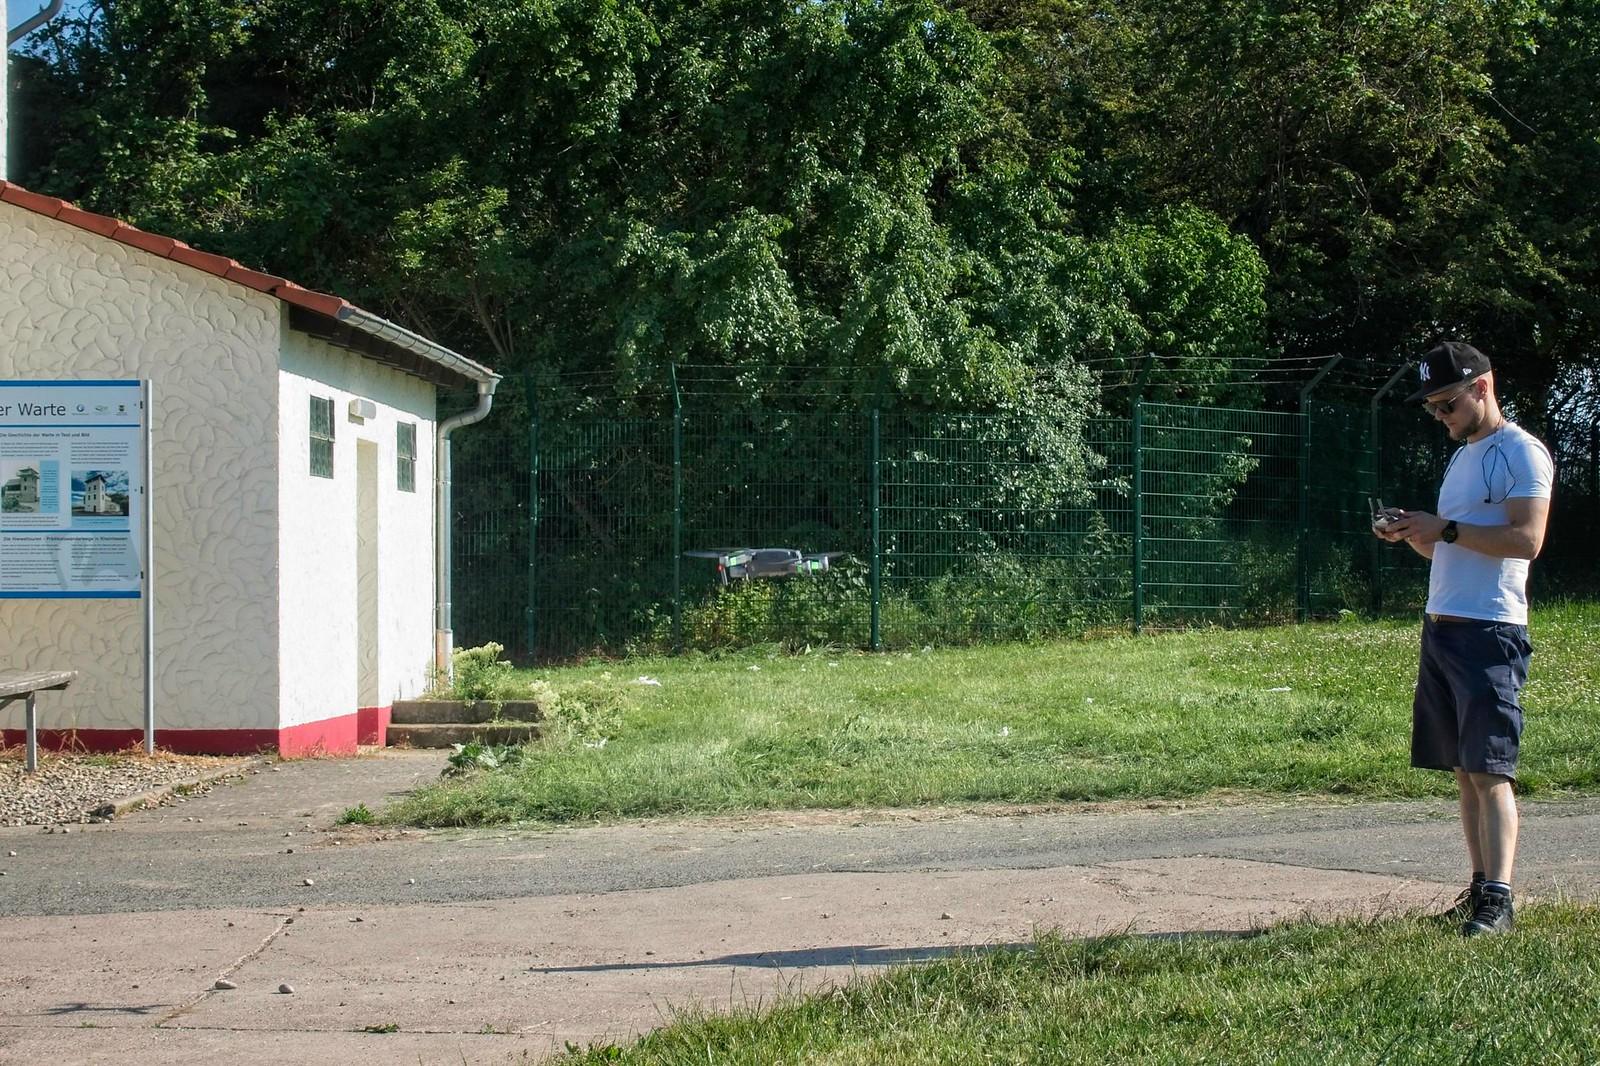 Filmdreh mit Drohne auf Hiwweltour Stadecker Warte in Rheinhessen